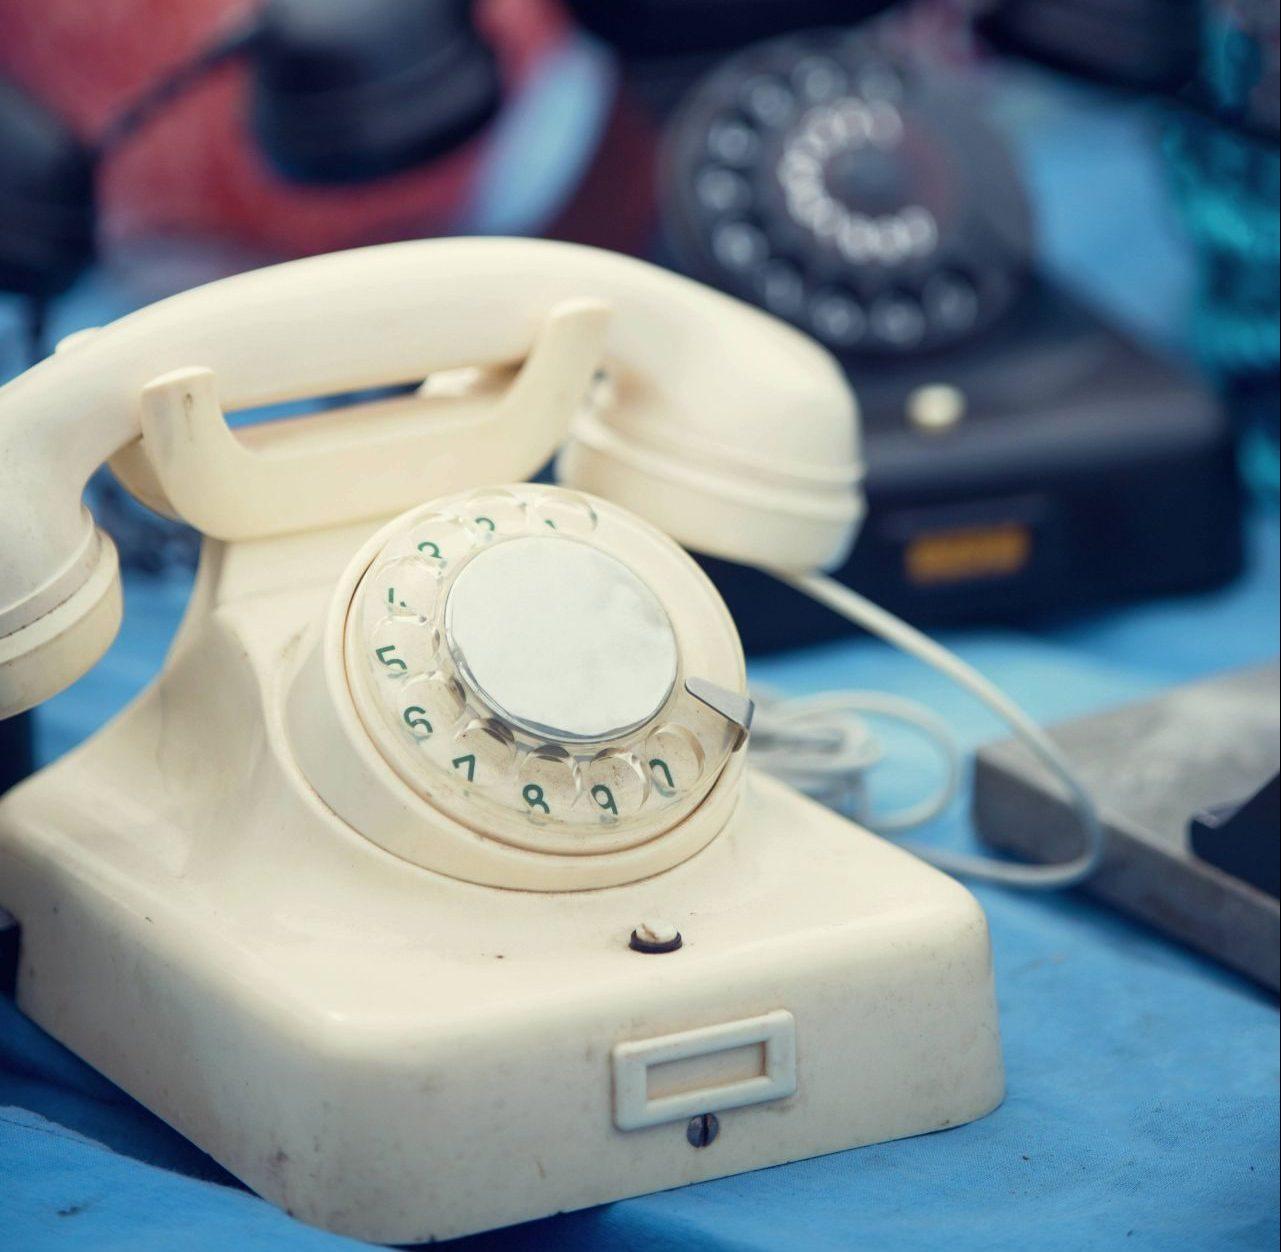 Retro Telefone in schwarz udn weiß